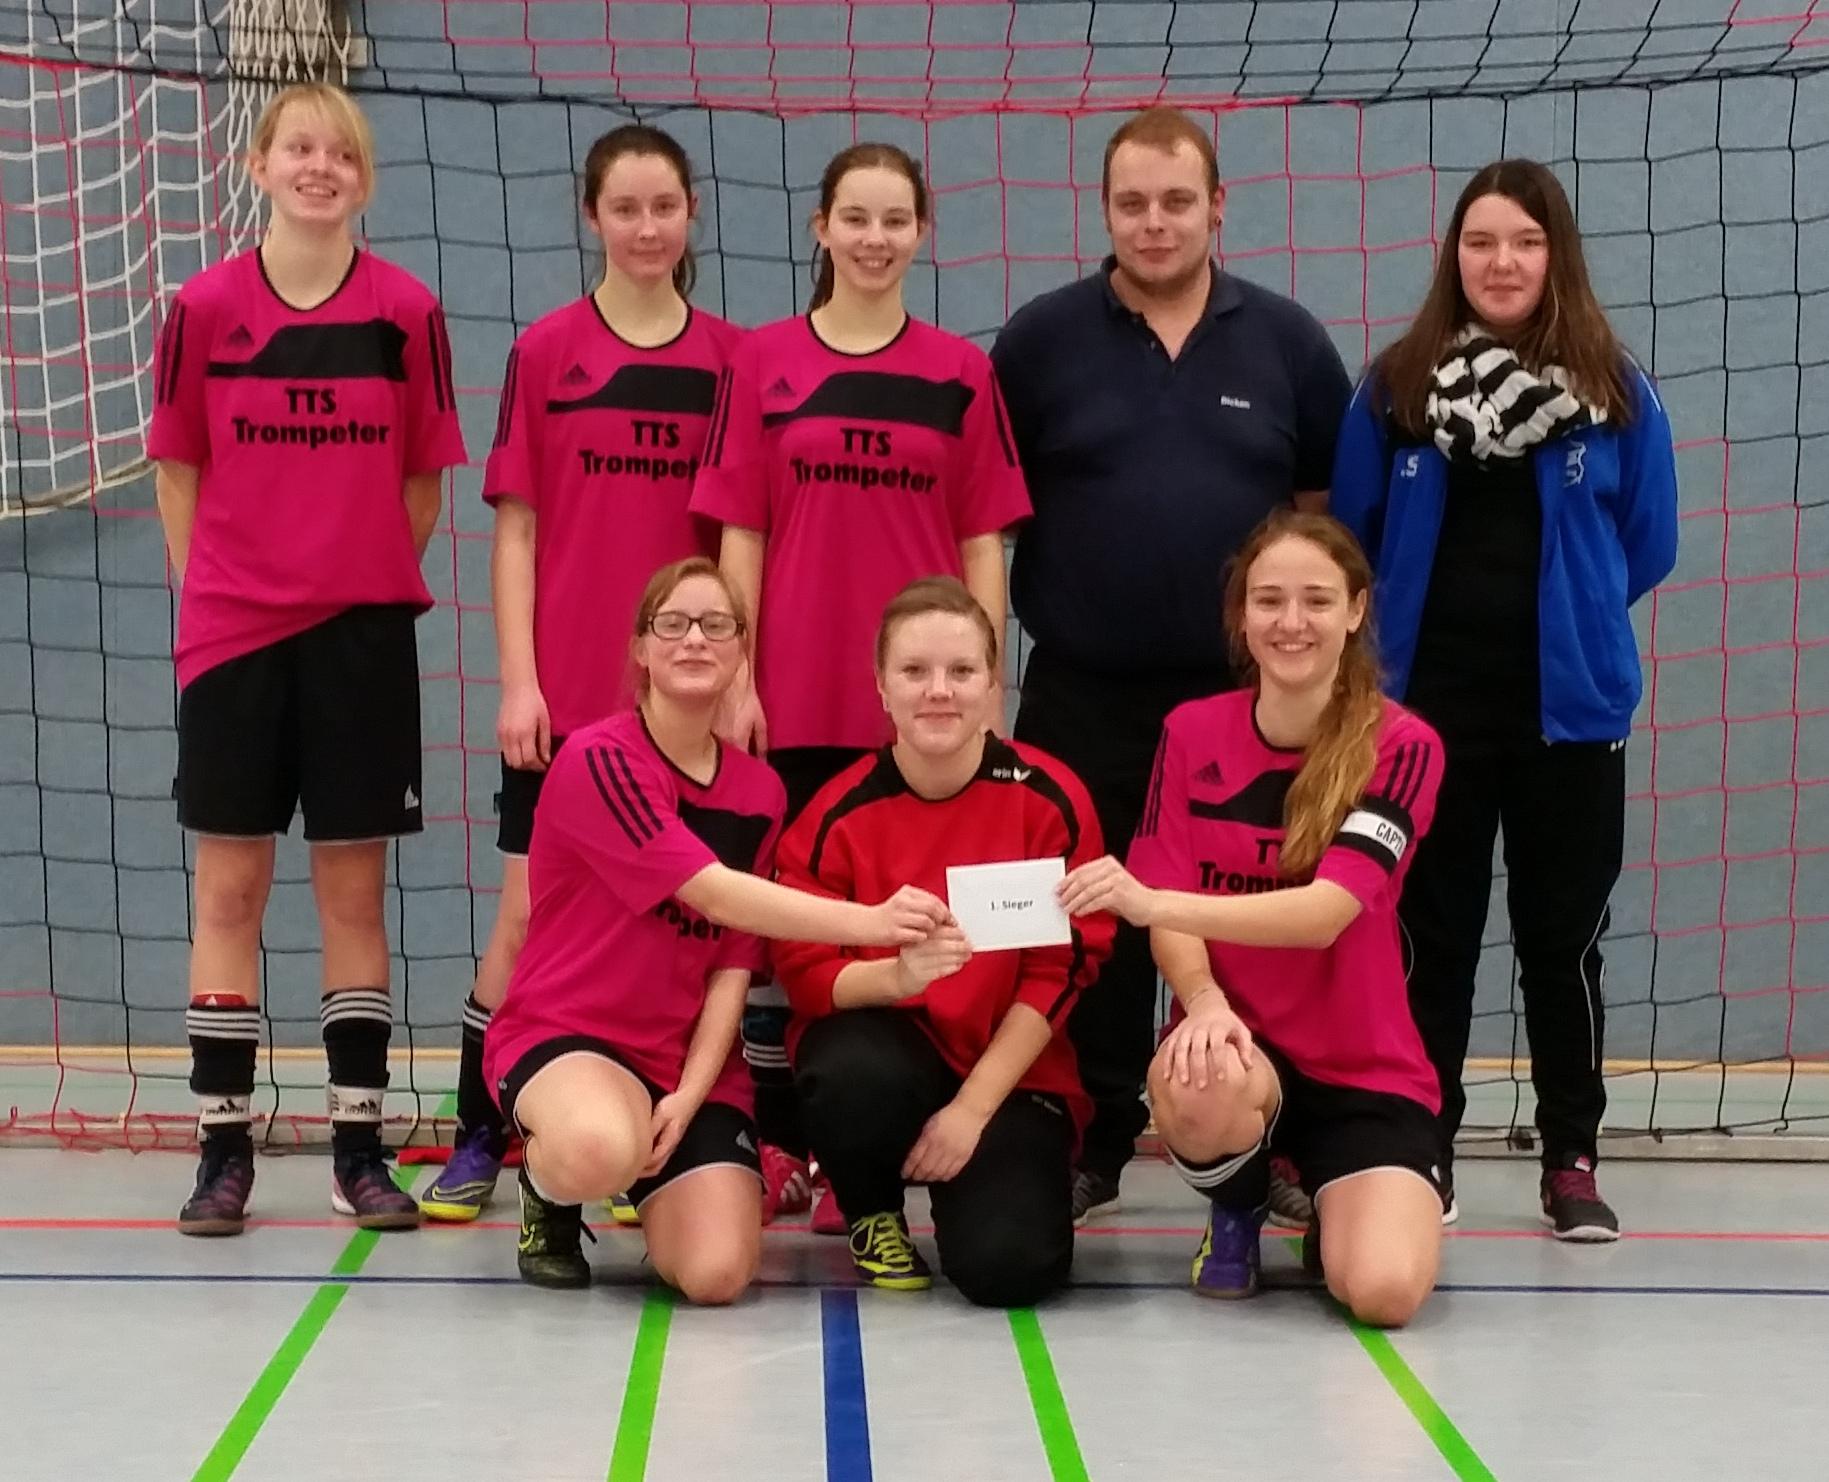 Die JSG Alverdissen/Extertal gewinnt B-Juniorinnen-Turnier